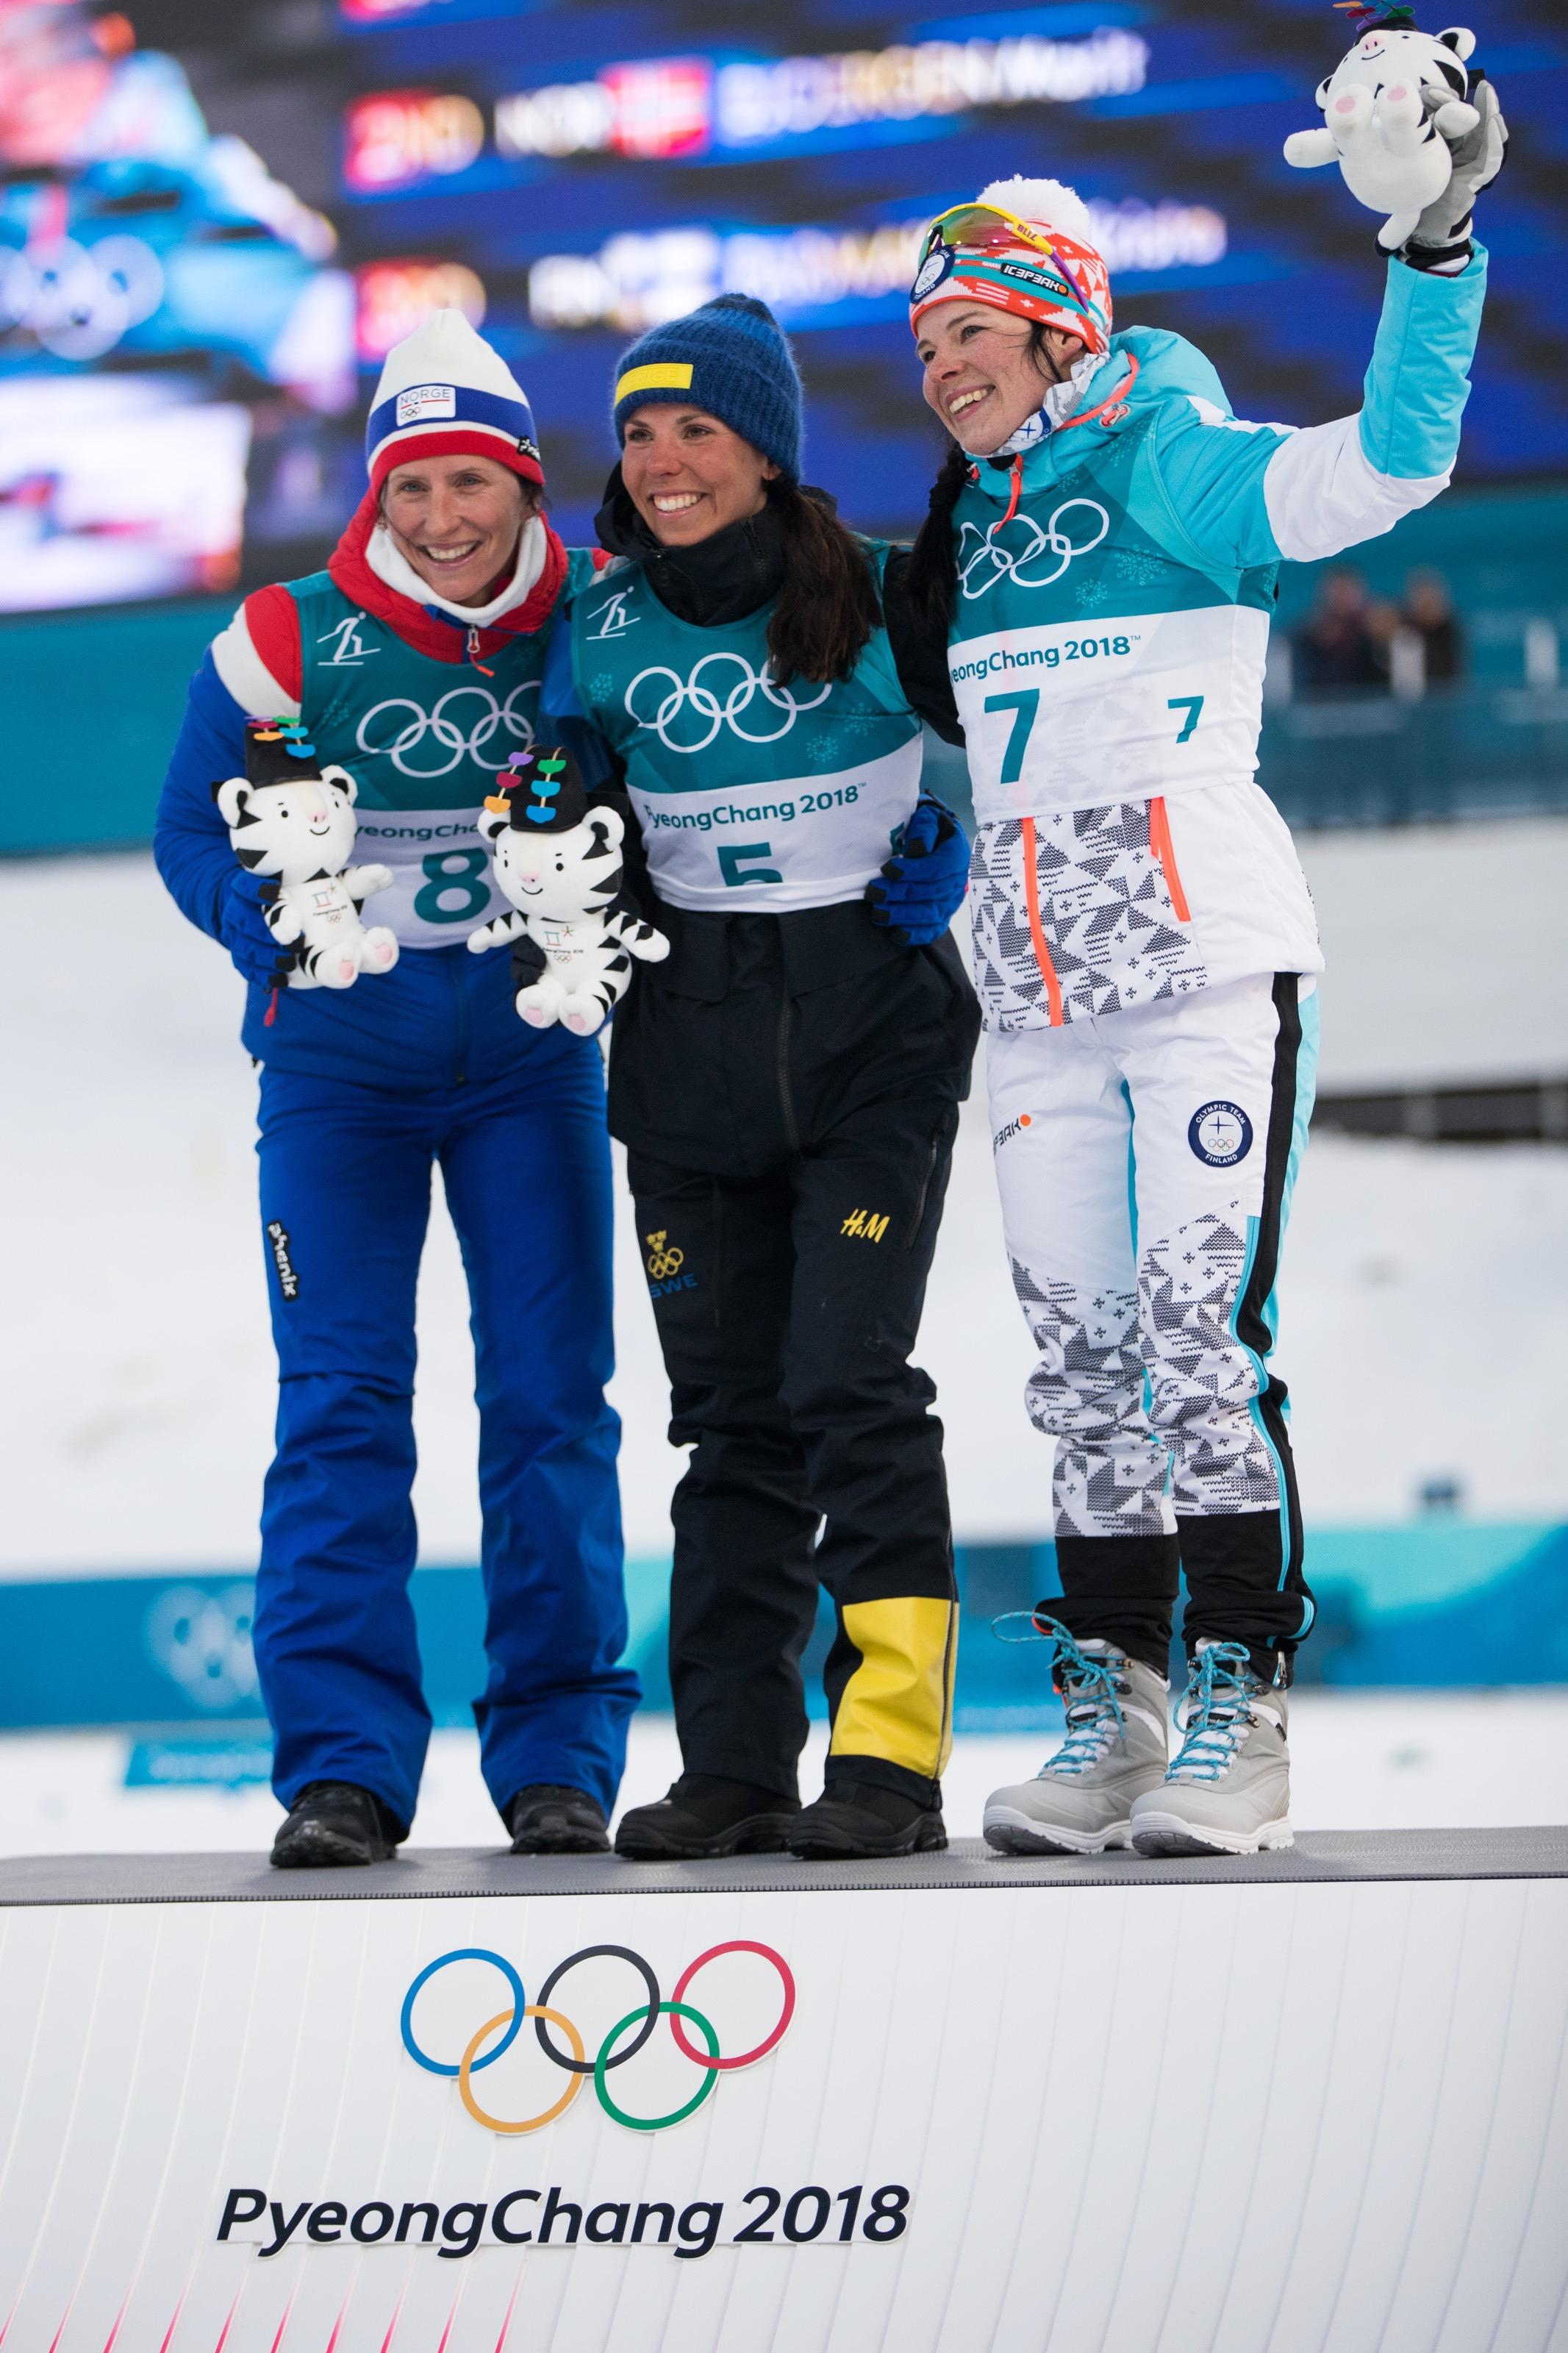 Charlotte Kalla, Marit Björnen et Krista Pärmäkoski, le podium du skiathlon.